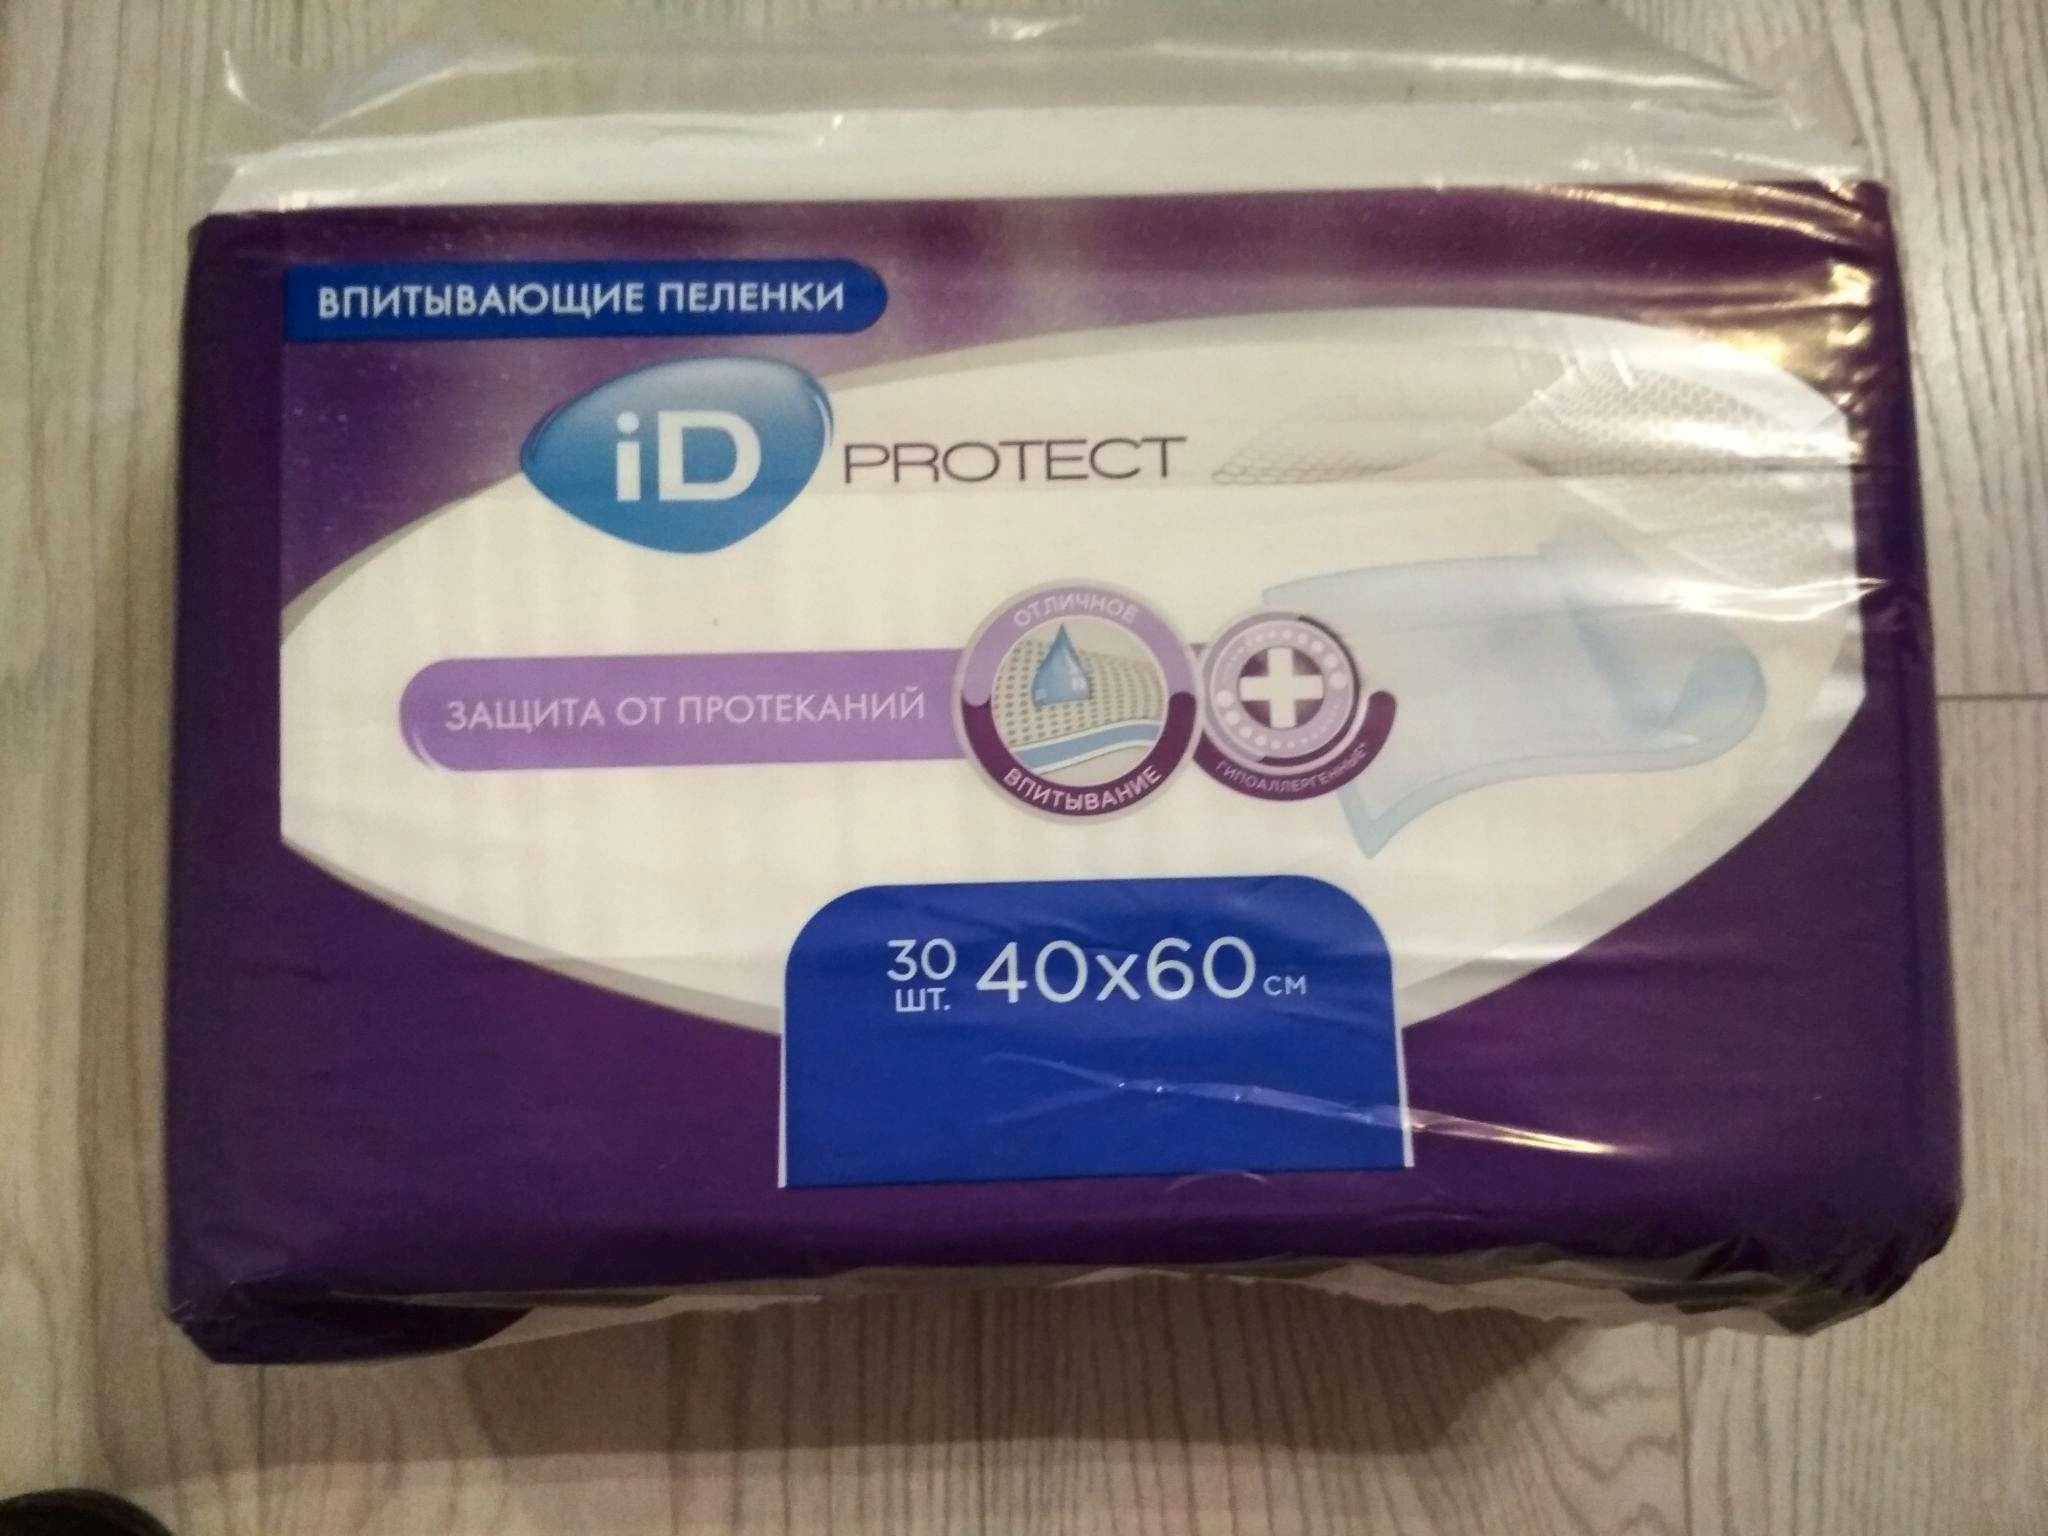 Пелёнки одноразовые впитывающие iD Protect 40x60 30 шт — купить в ... 4a24ed95549